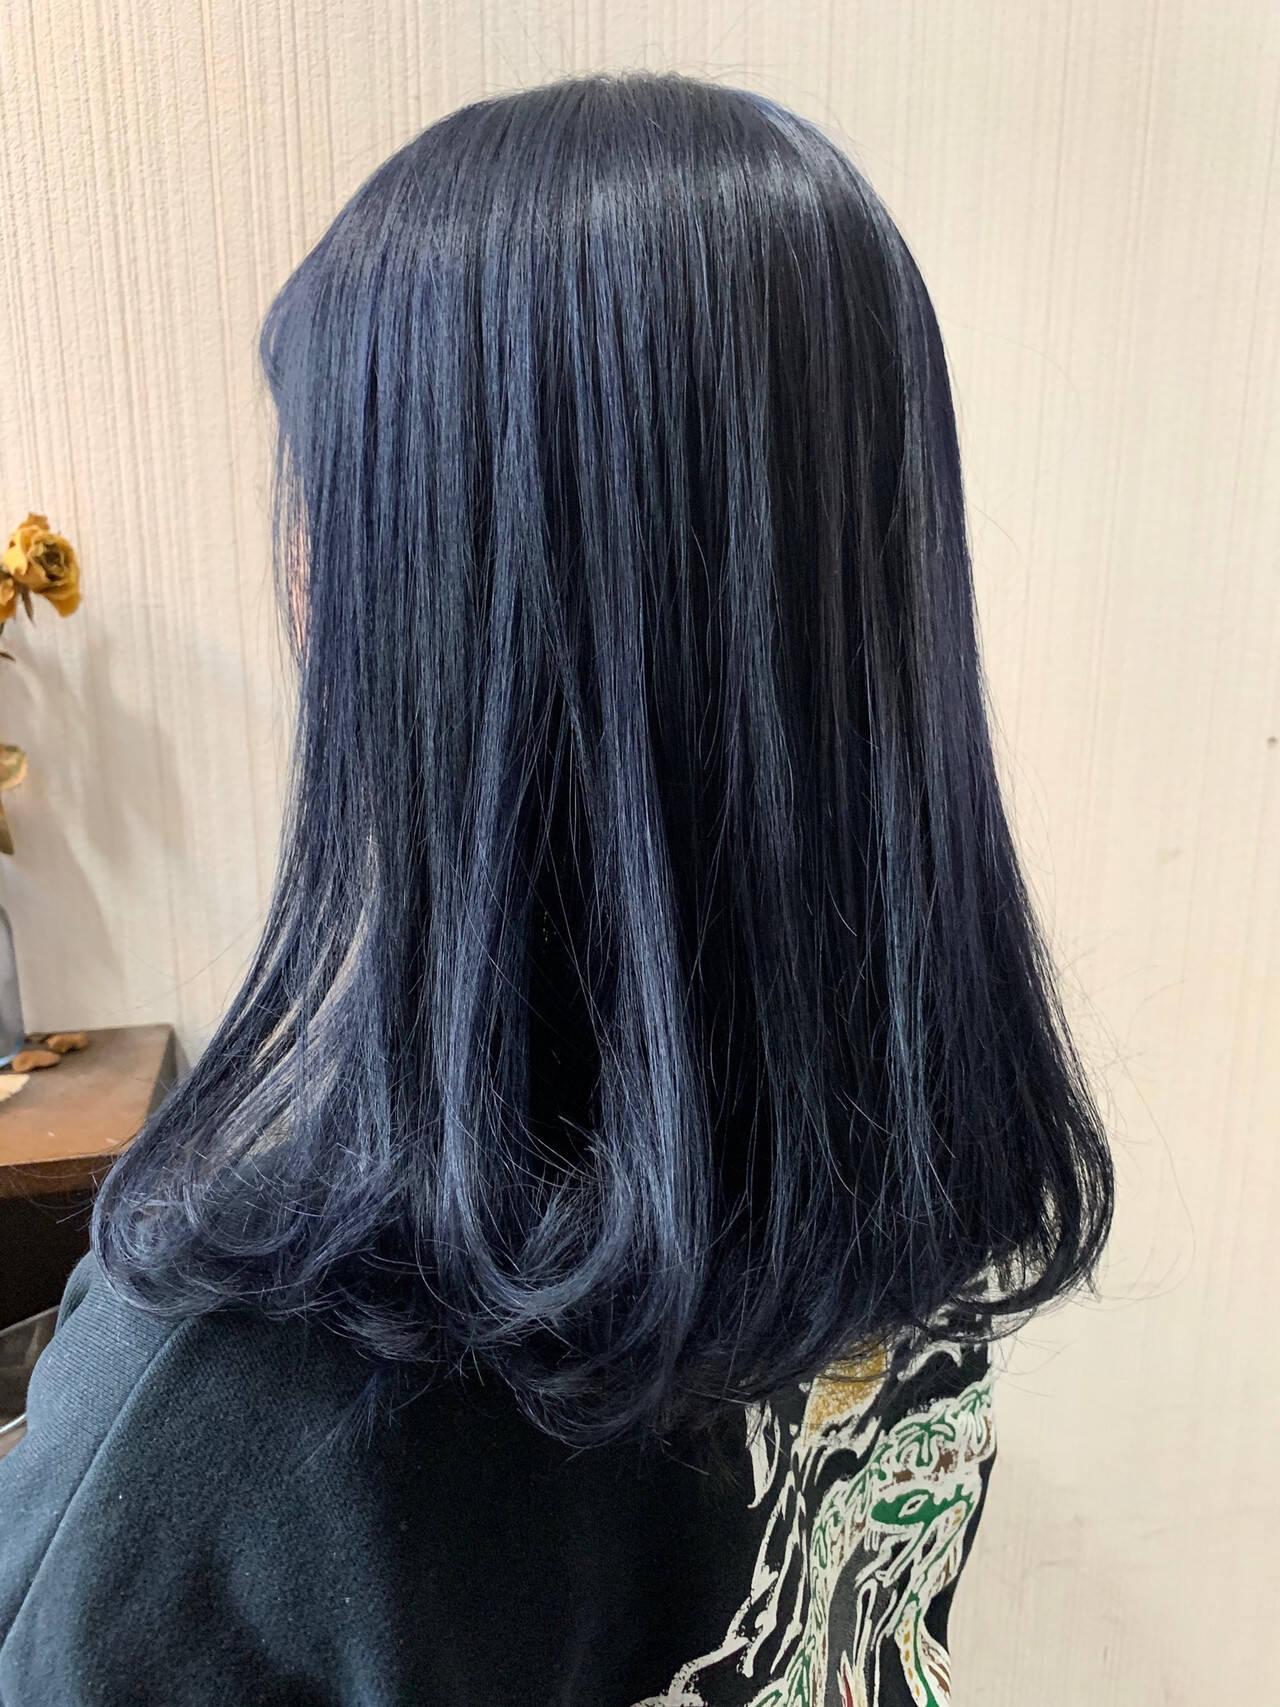 アッシュグレージュ ミディアム アッシュベージュ アンニュイほつれヘアヘアスタイルや髪型の写真・画像